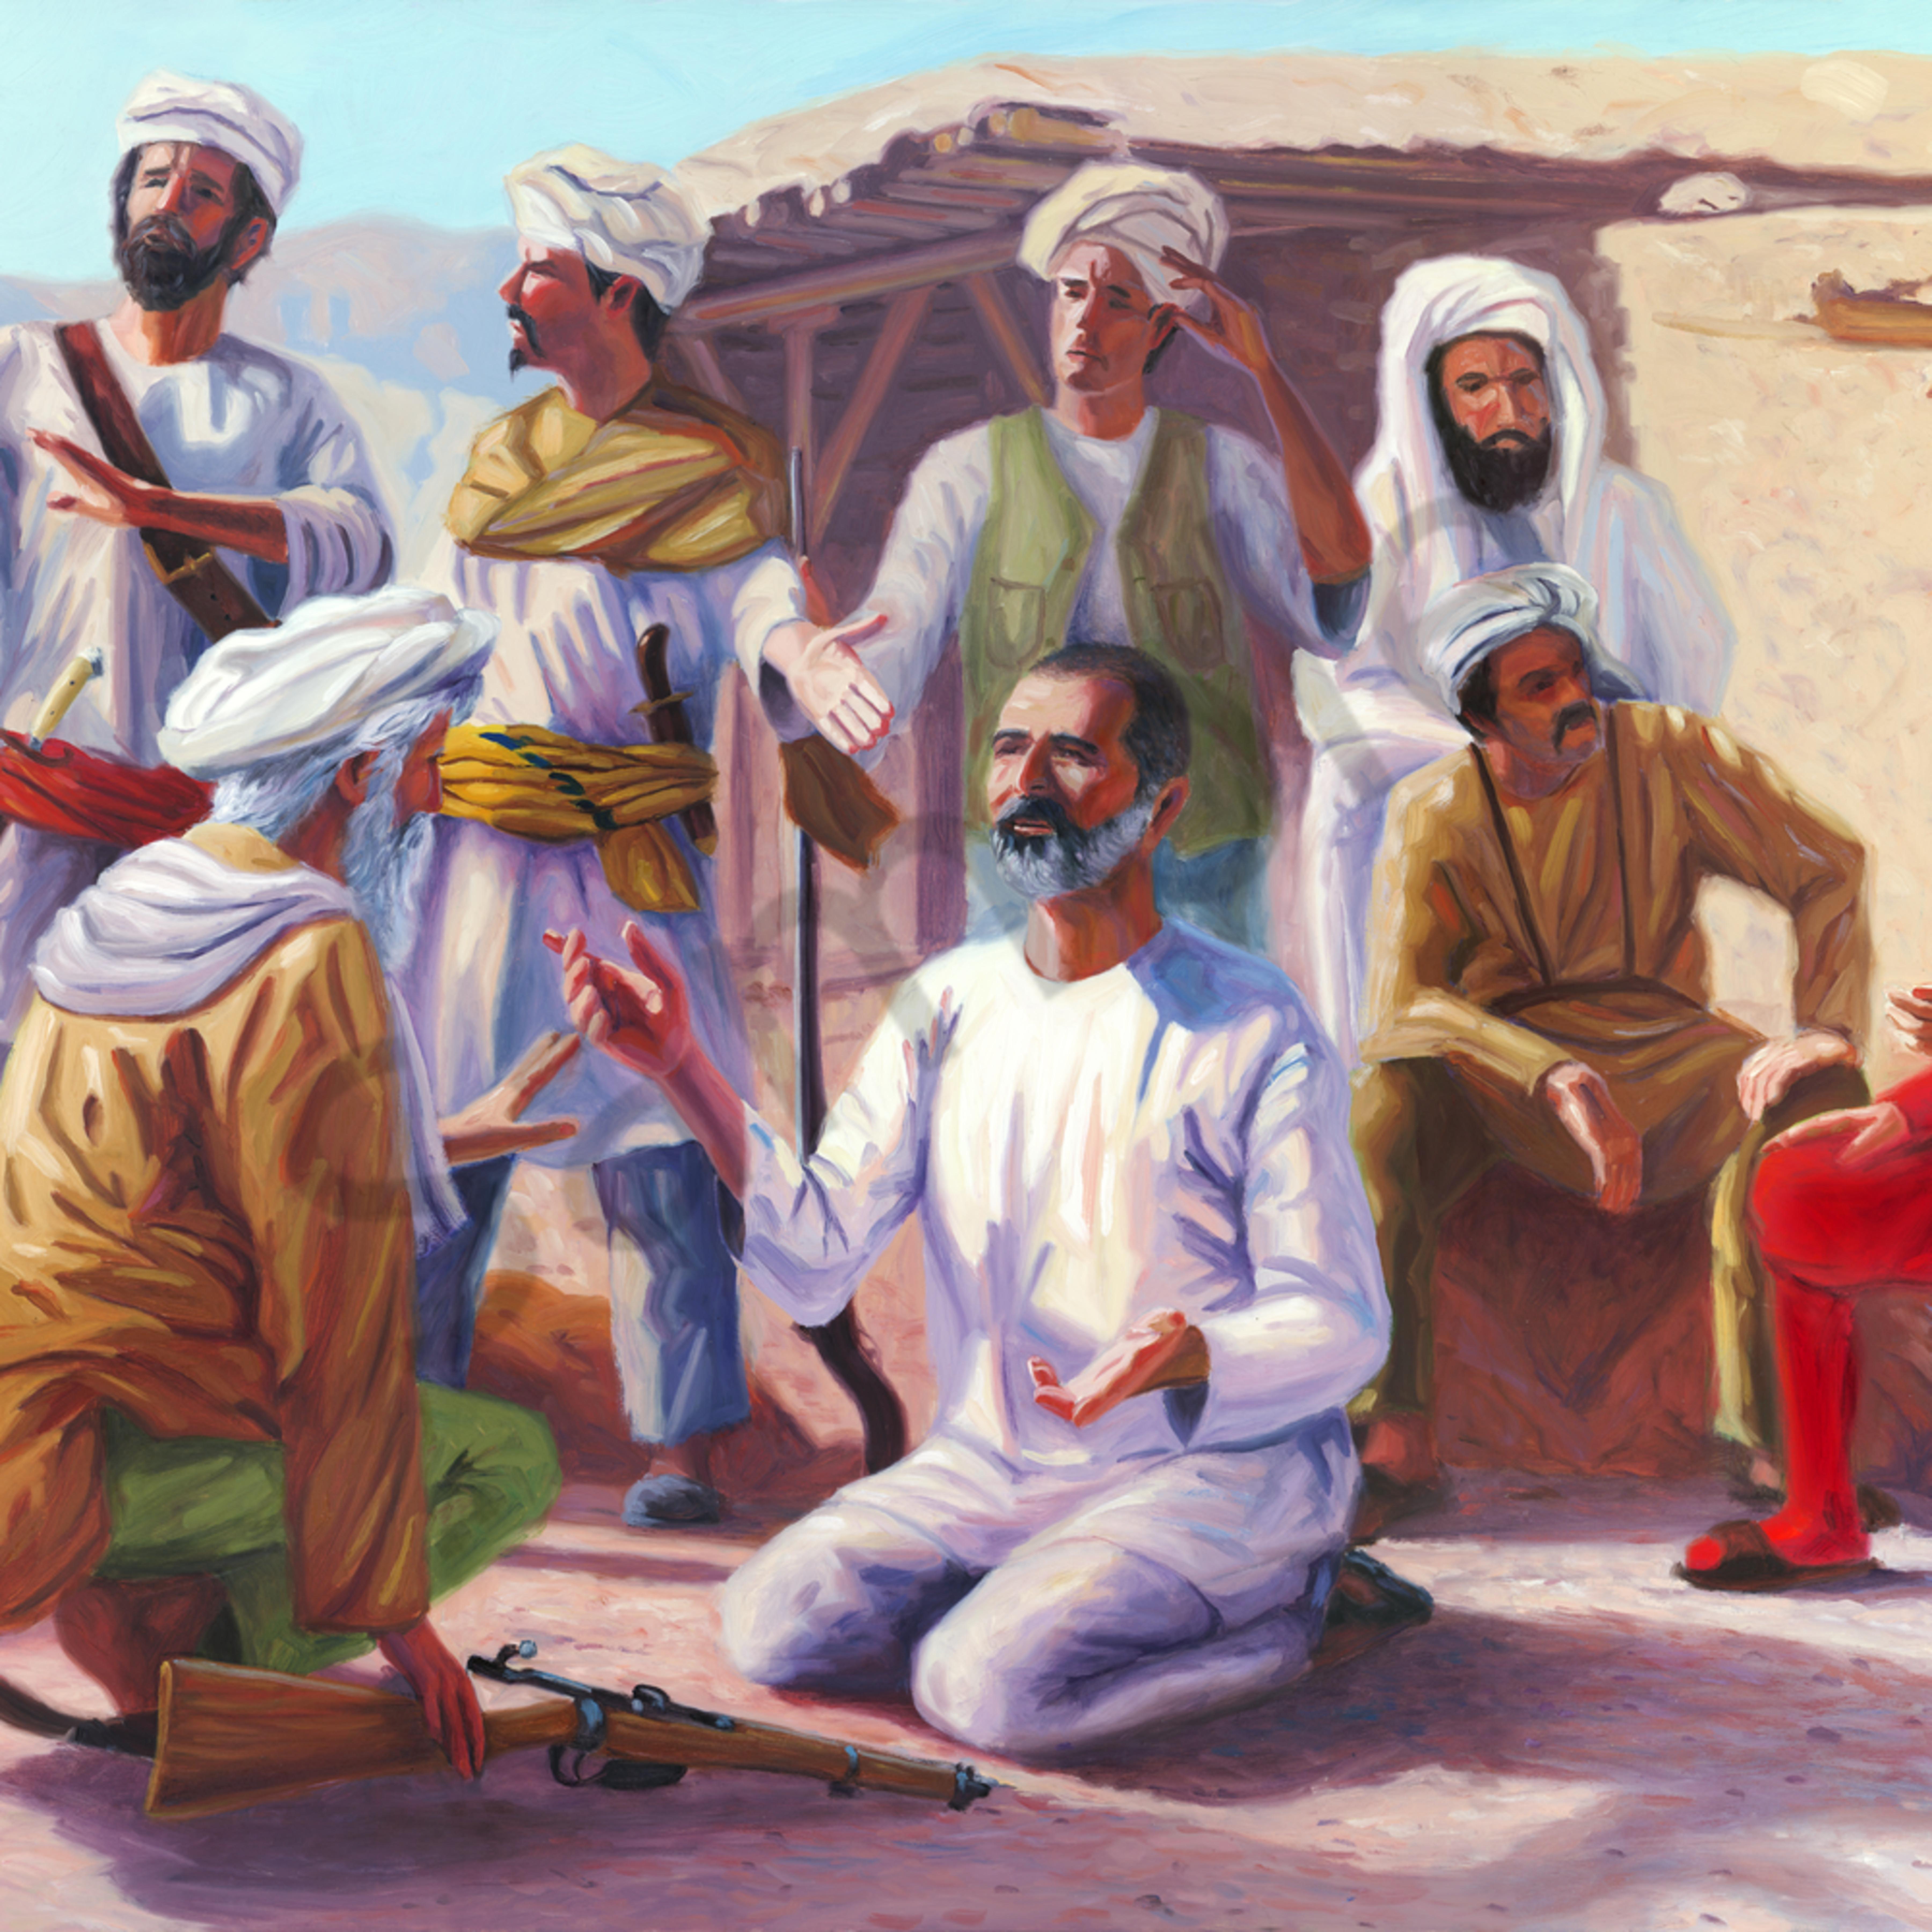 Abdul ghaffar khan vadqxy